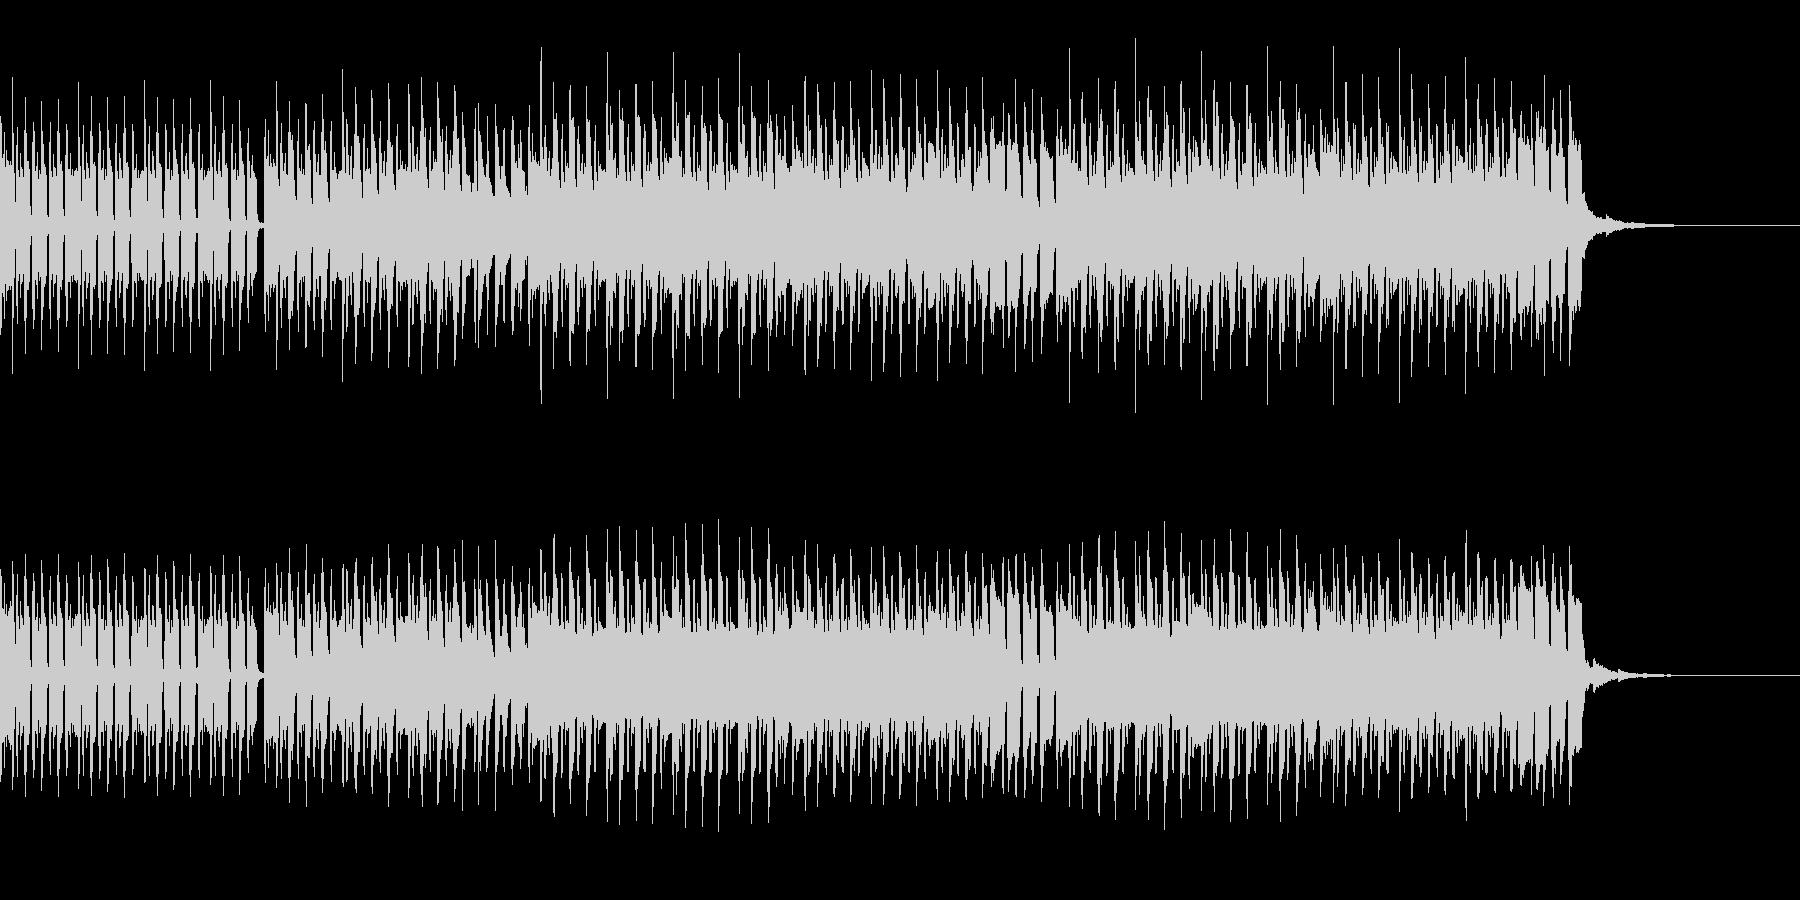 ゆるゆるEDM系ループBGMの未再生の波形